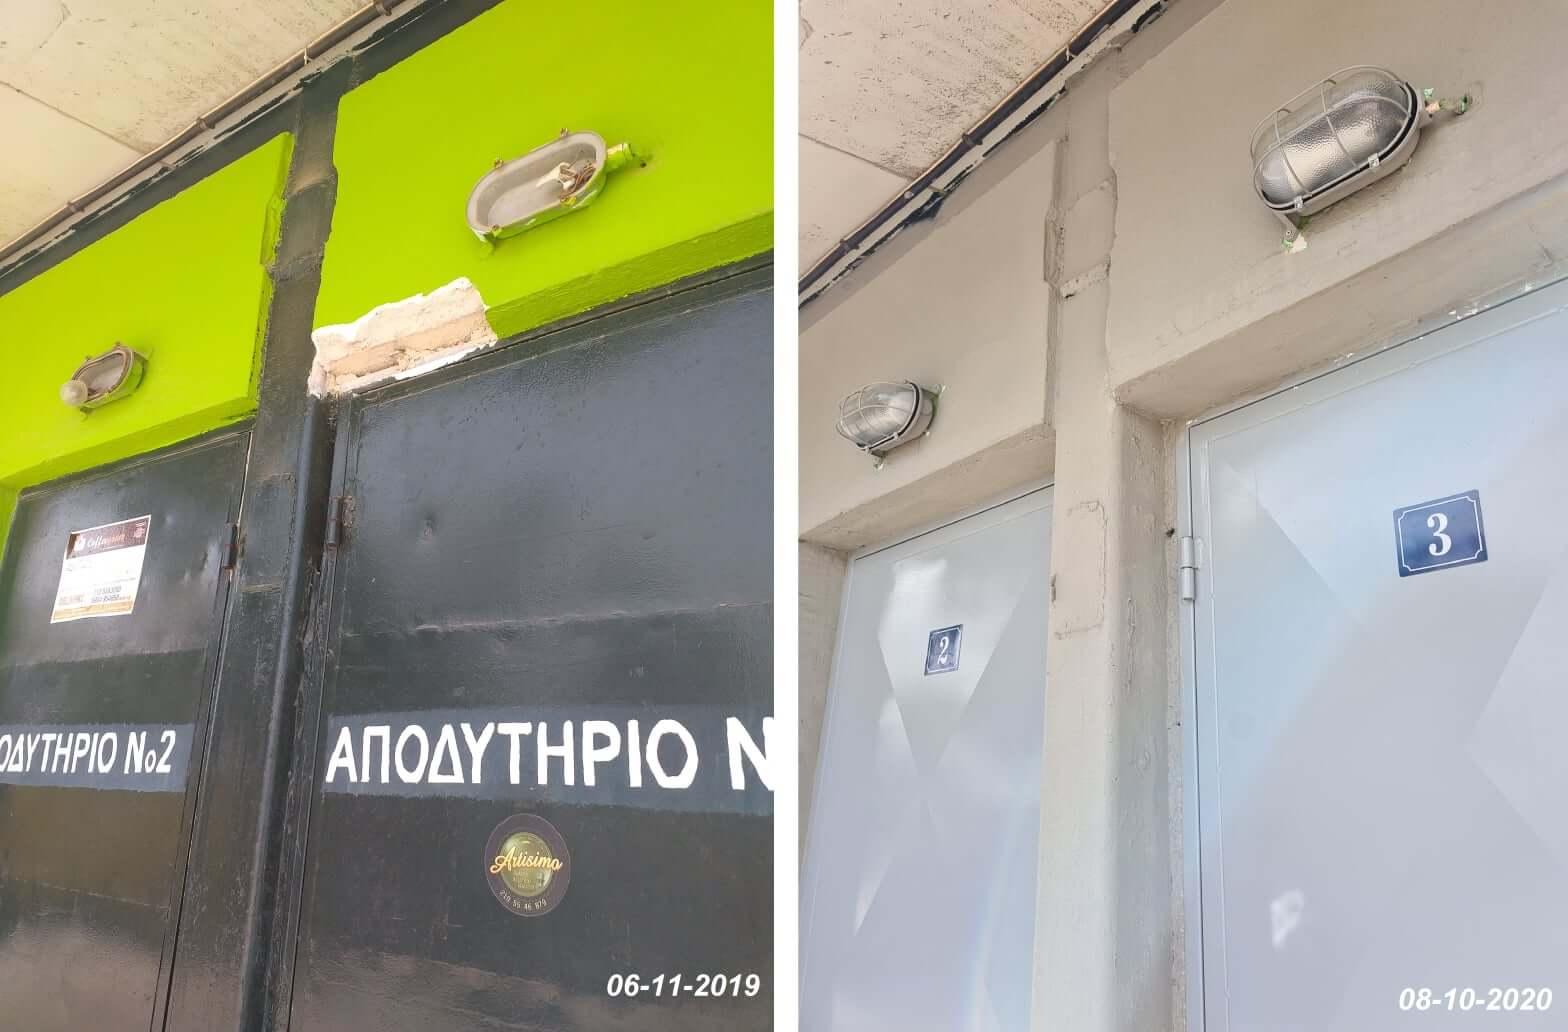 Ελευσίνα : Ολοκληρώθηκαν οι εργασίες ανακατασκευής και εξωραϊσμού των αποδυτηρίων στο γήπεδο «Γ. Ρουμελιώτης»